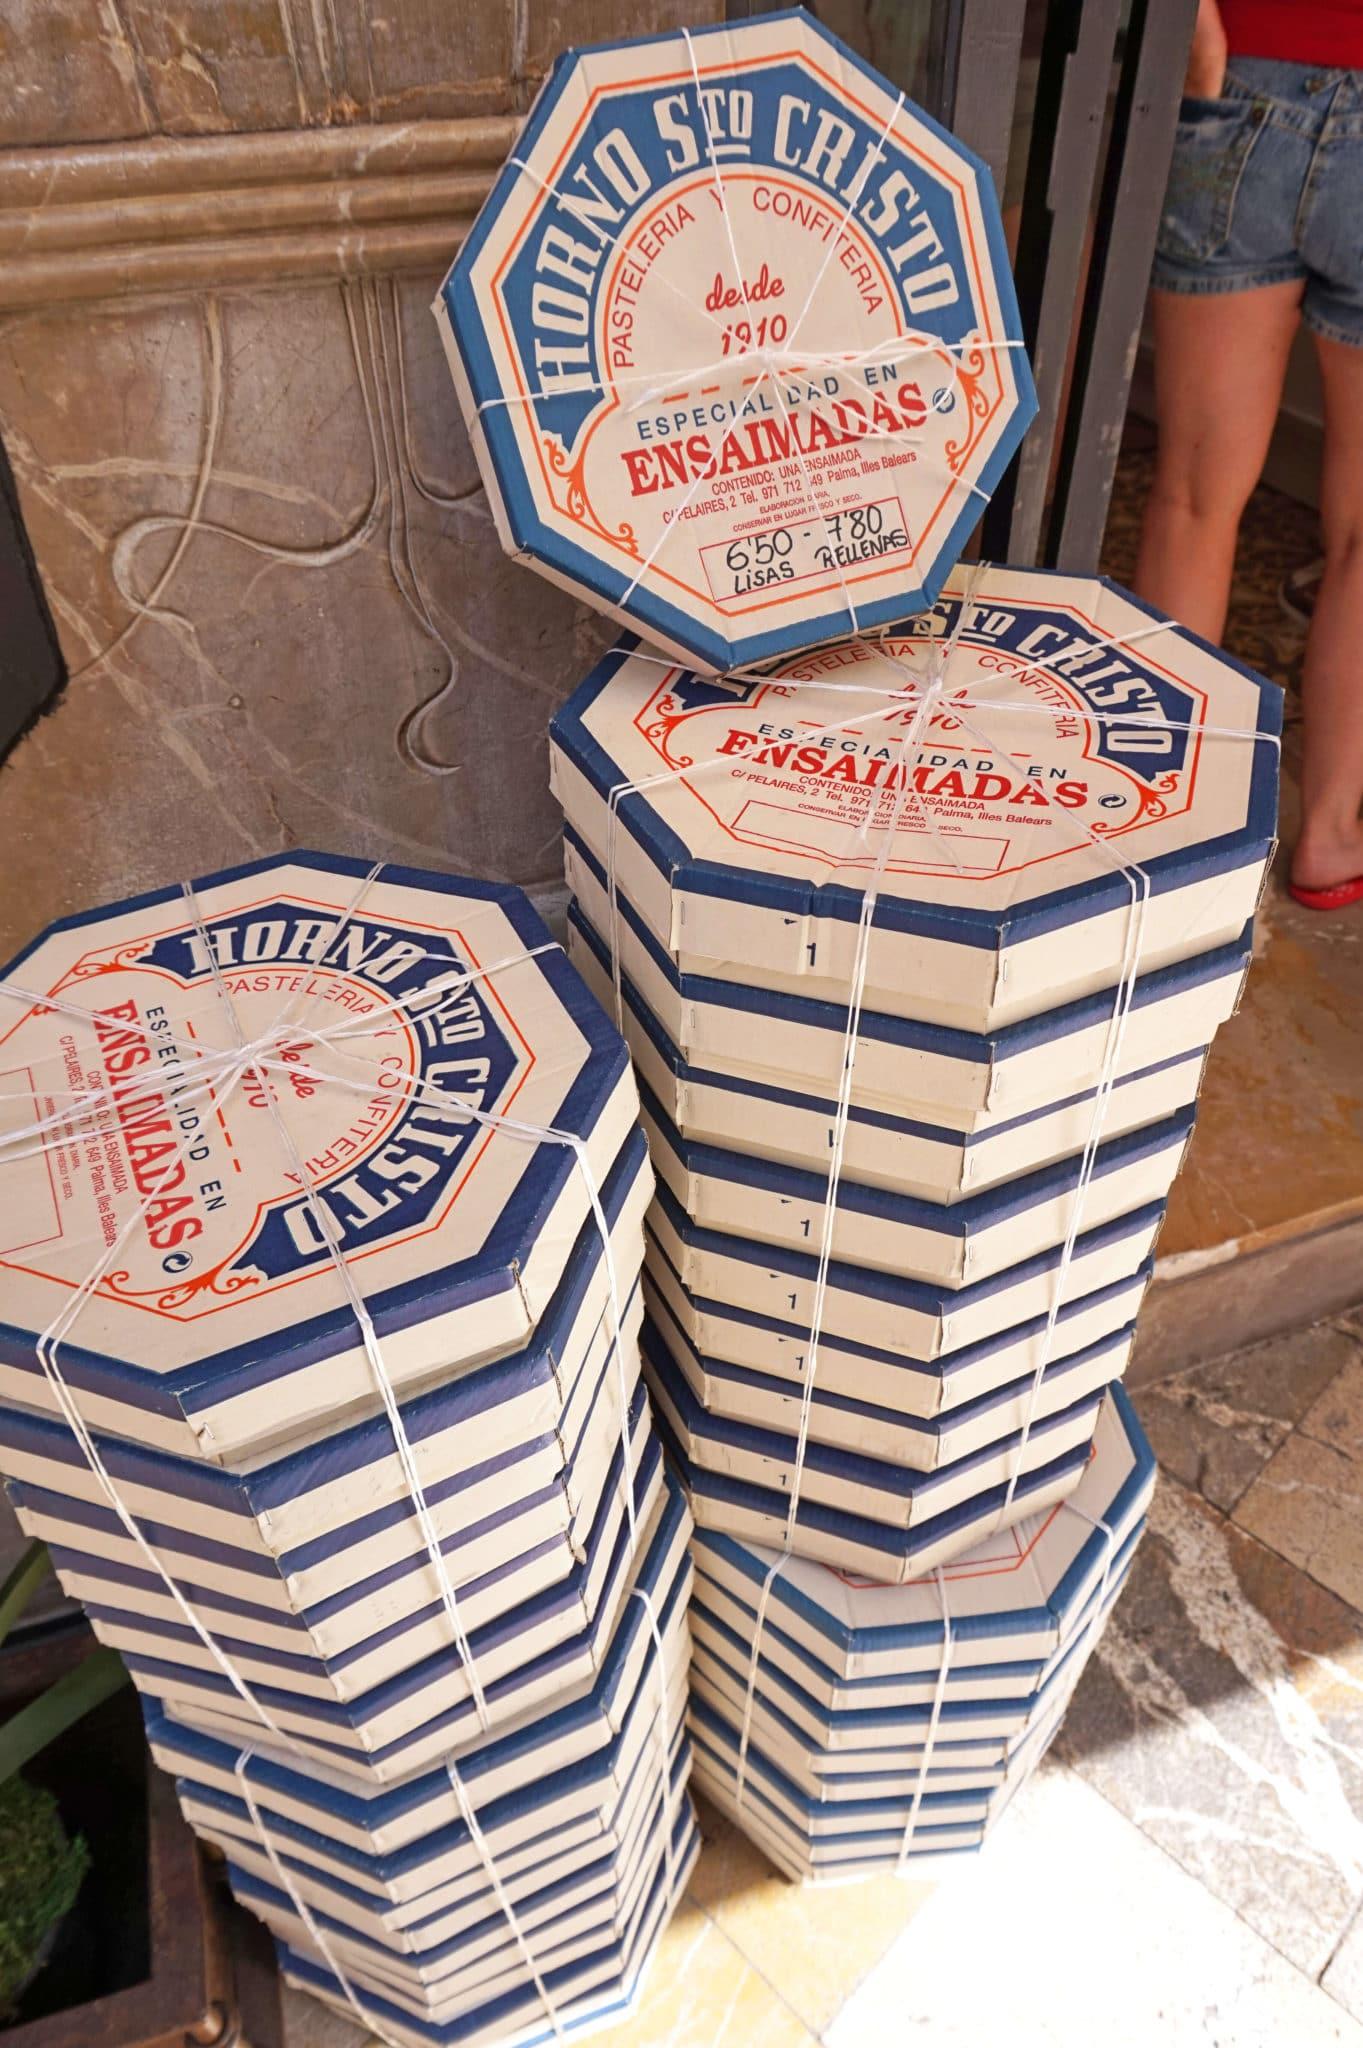 Ensaimada Boxes